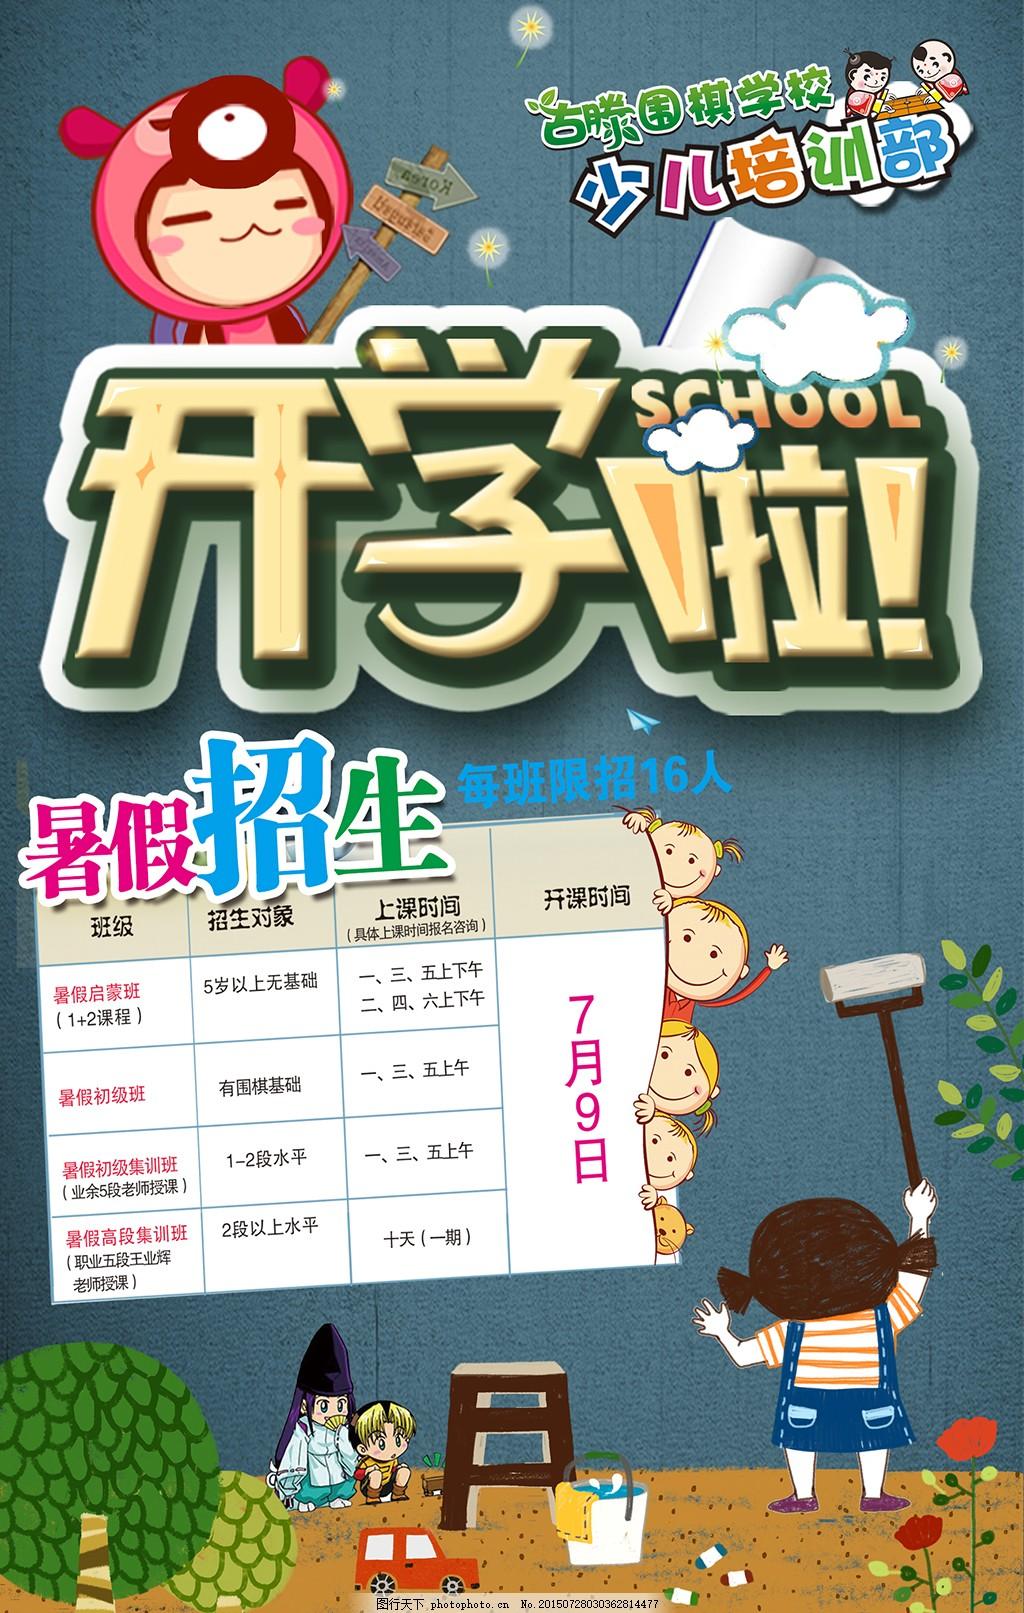 开学招生宣传彩页海报 开学季 开学啦 幼儿园宣传单 展板 幼儿园海报